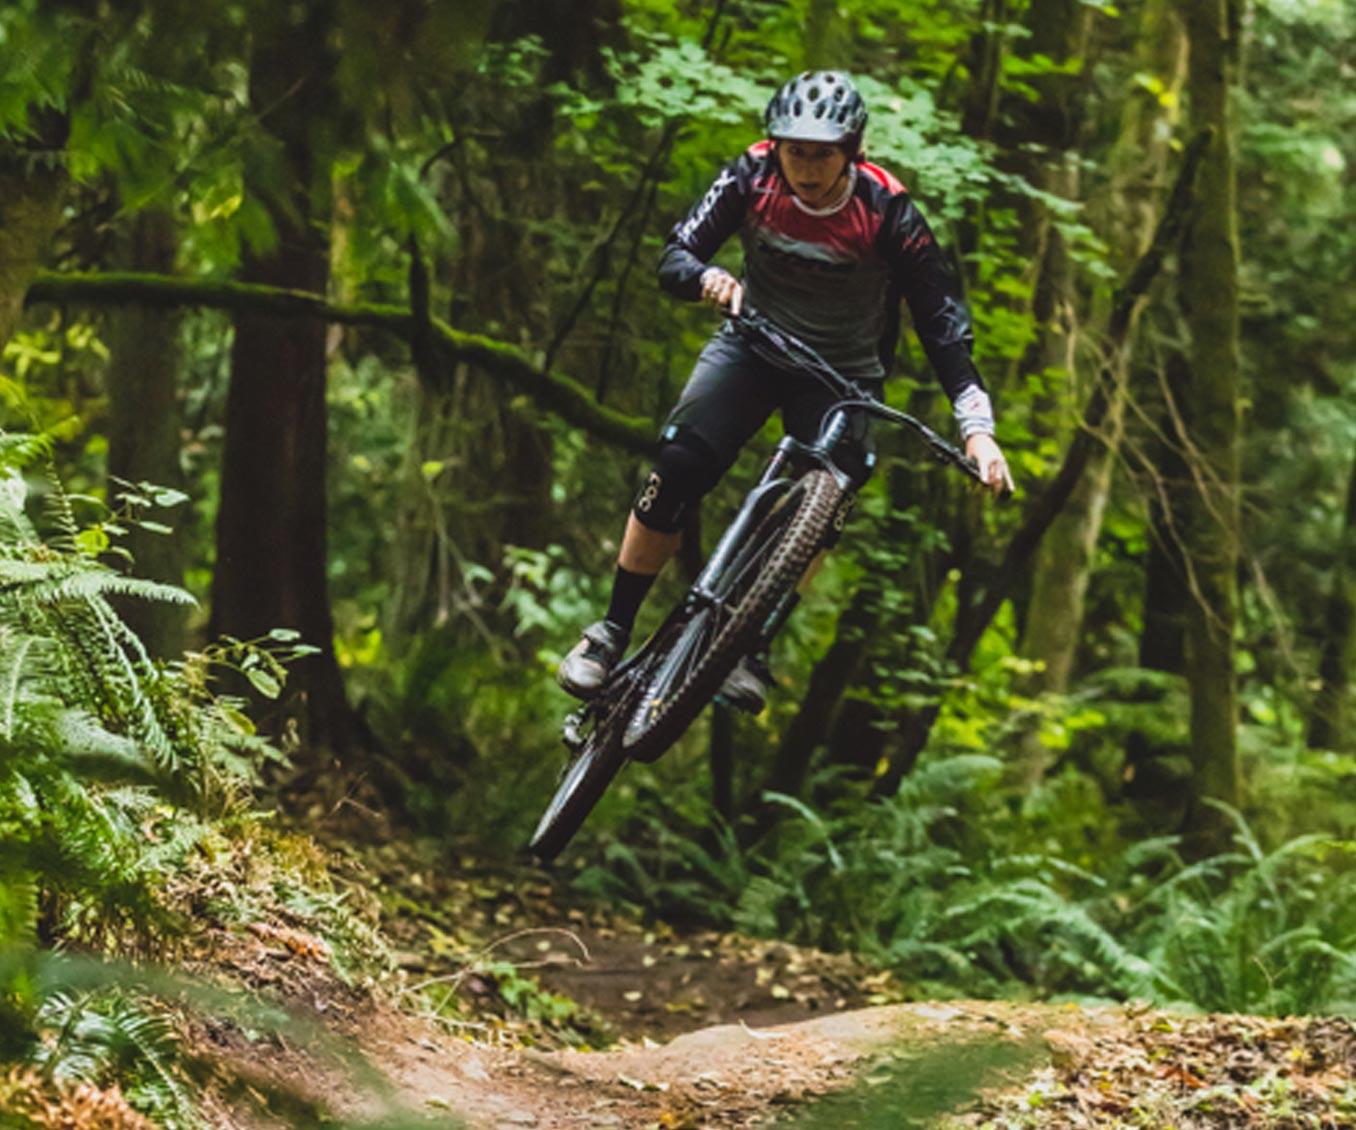 Kona Bikes rip!